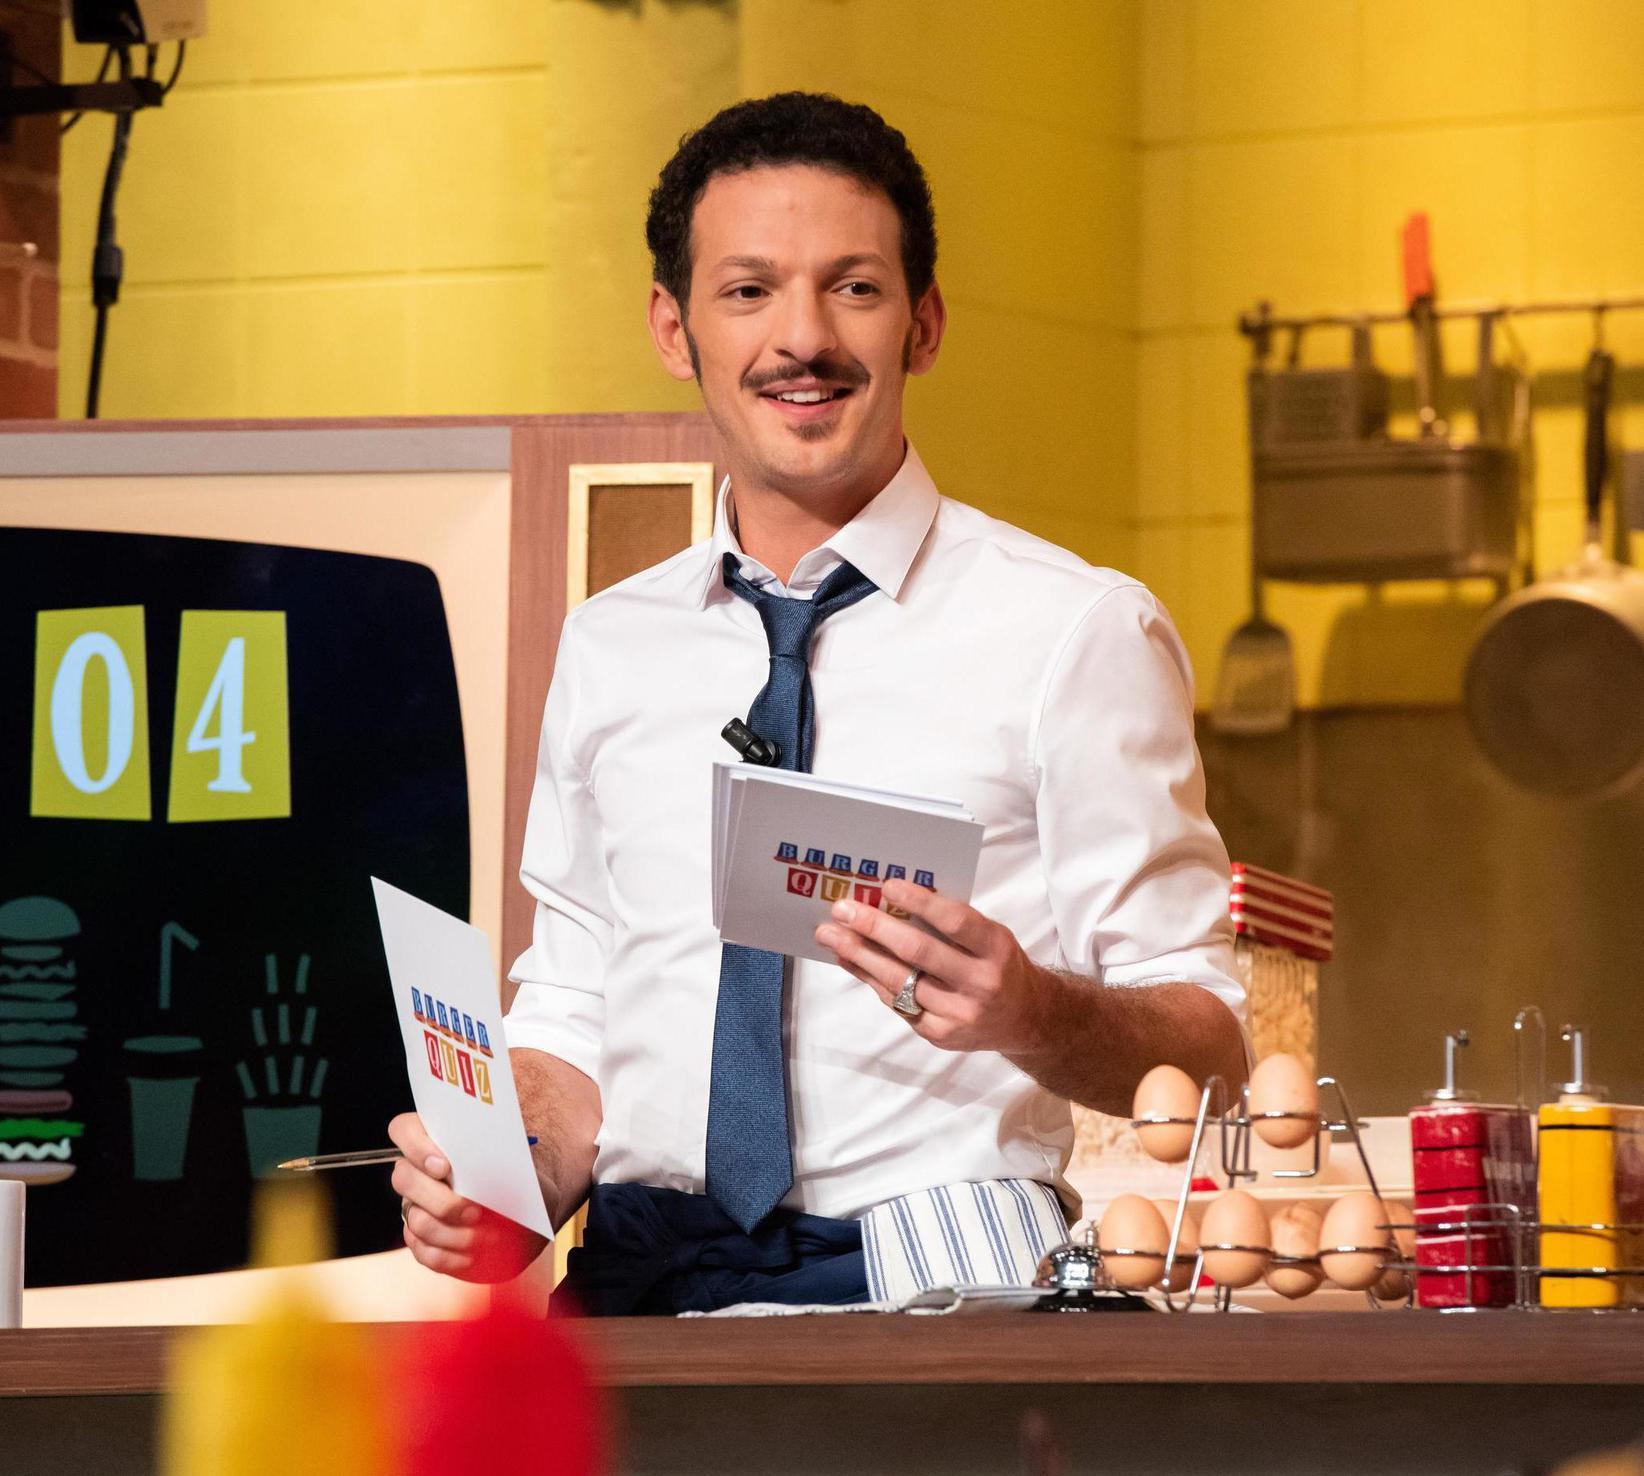 Benoît Daragon